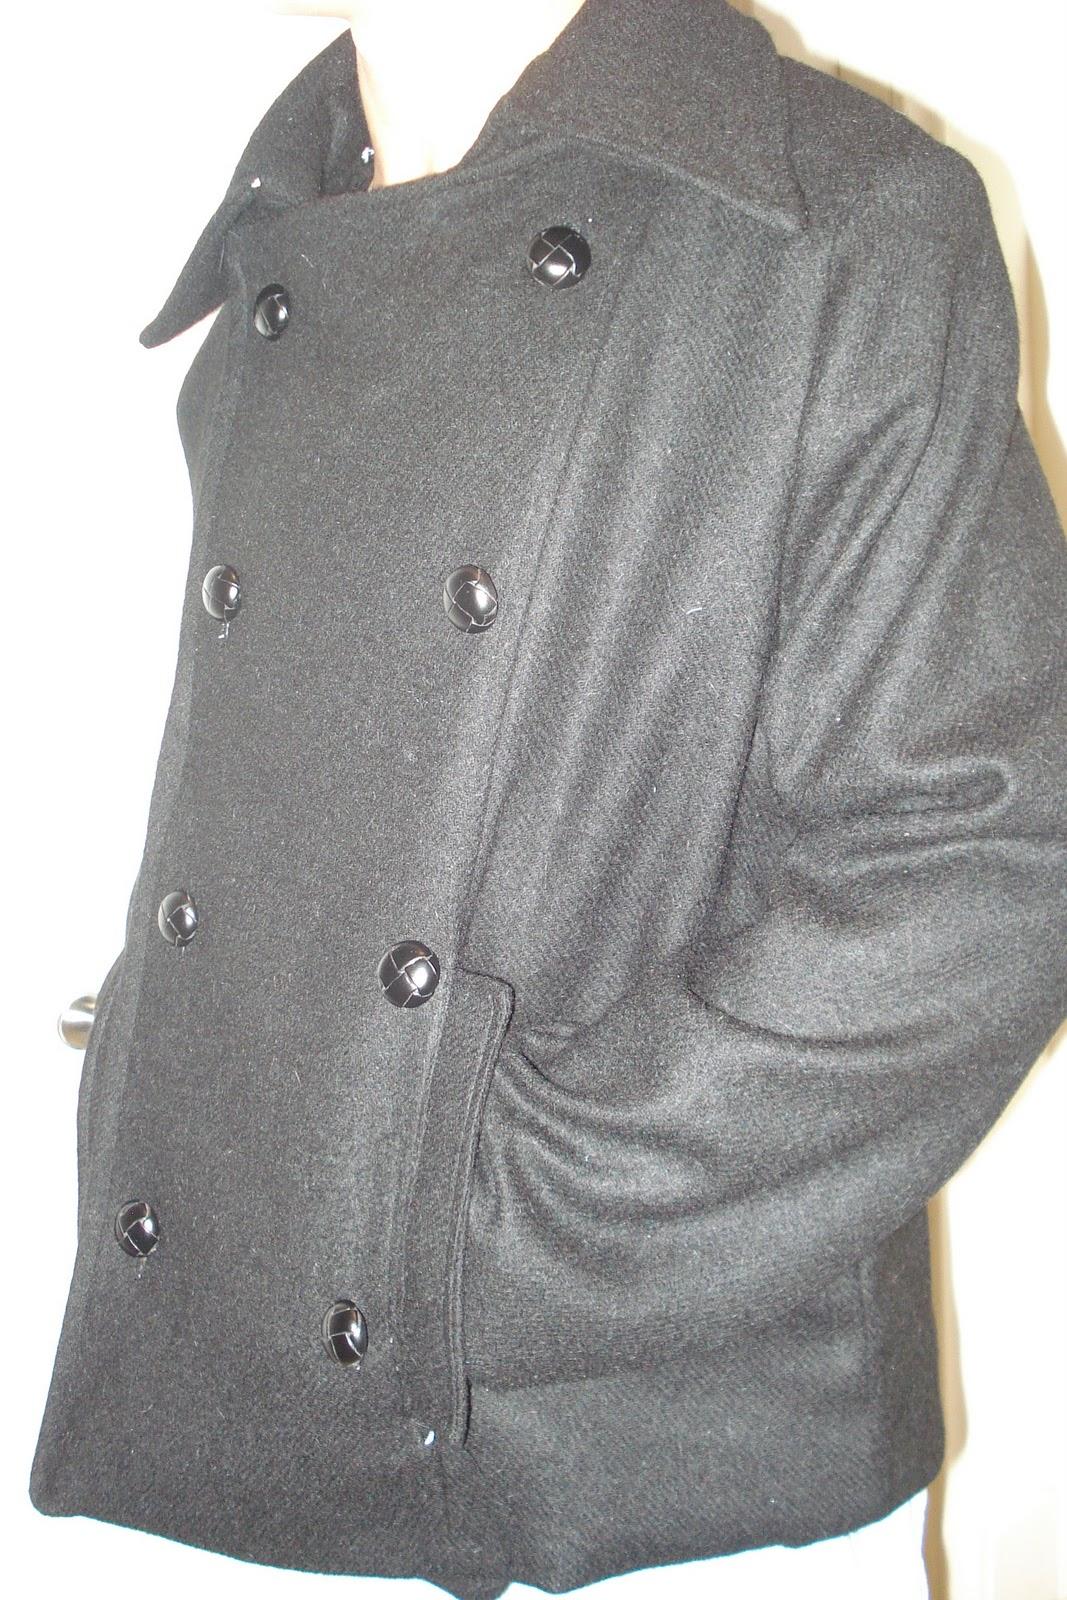 Plaid Pea Coat | Fashion Bug - Affordable Women's & Misses Plus